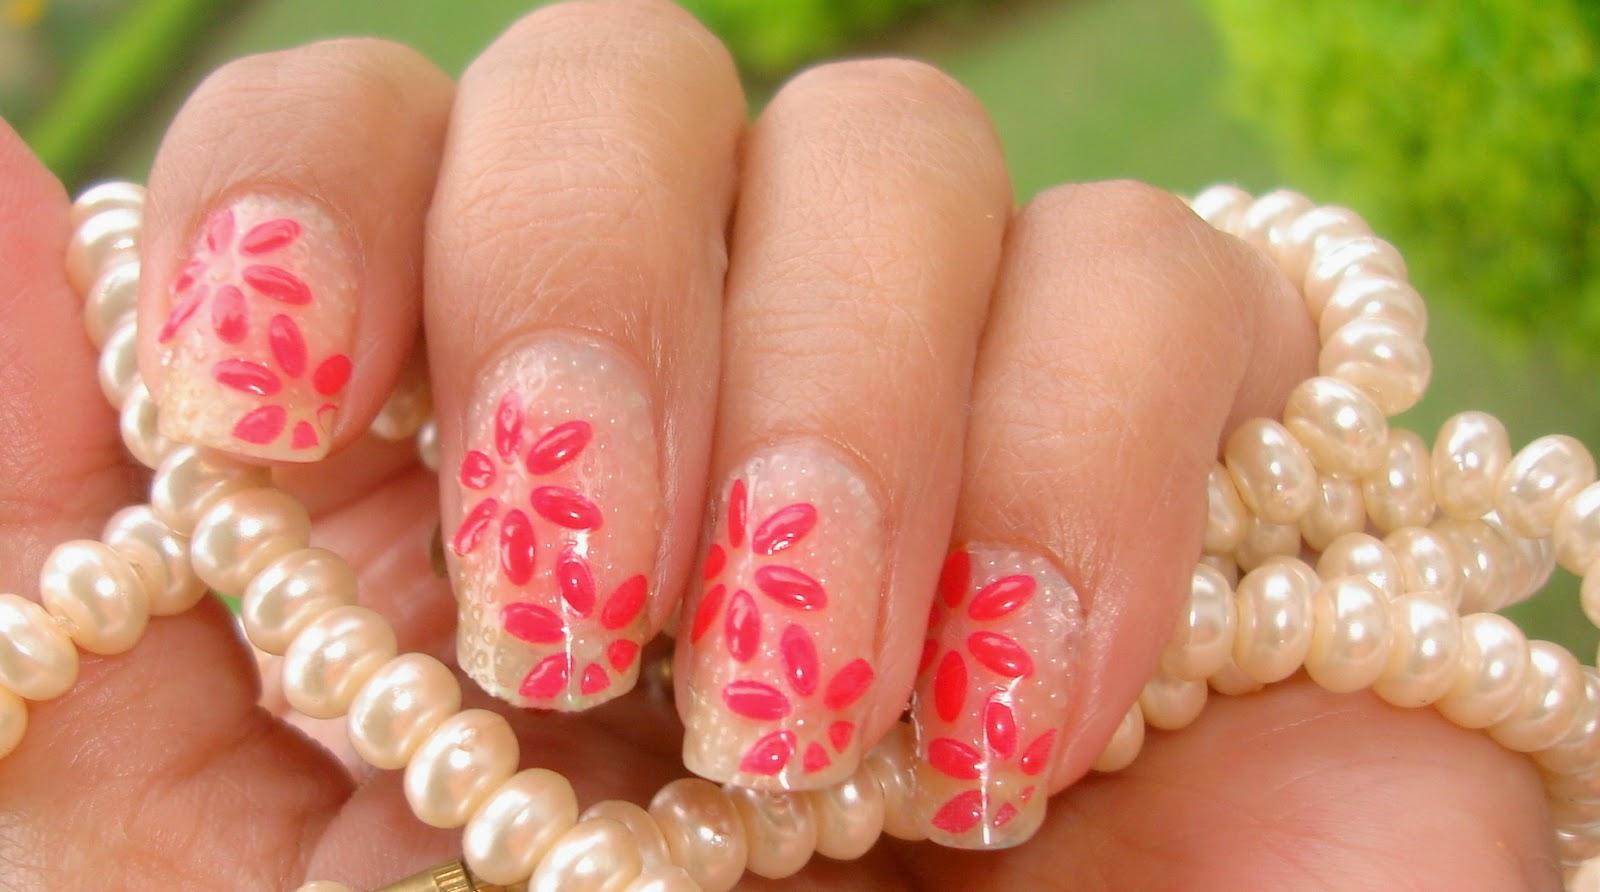 weekend manicure